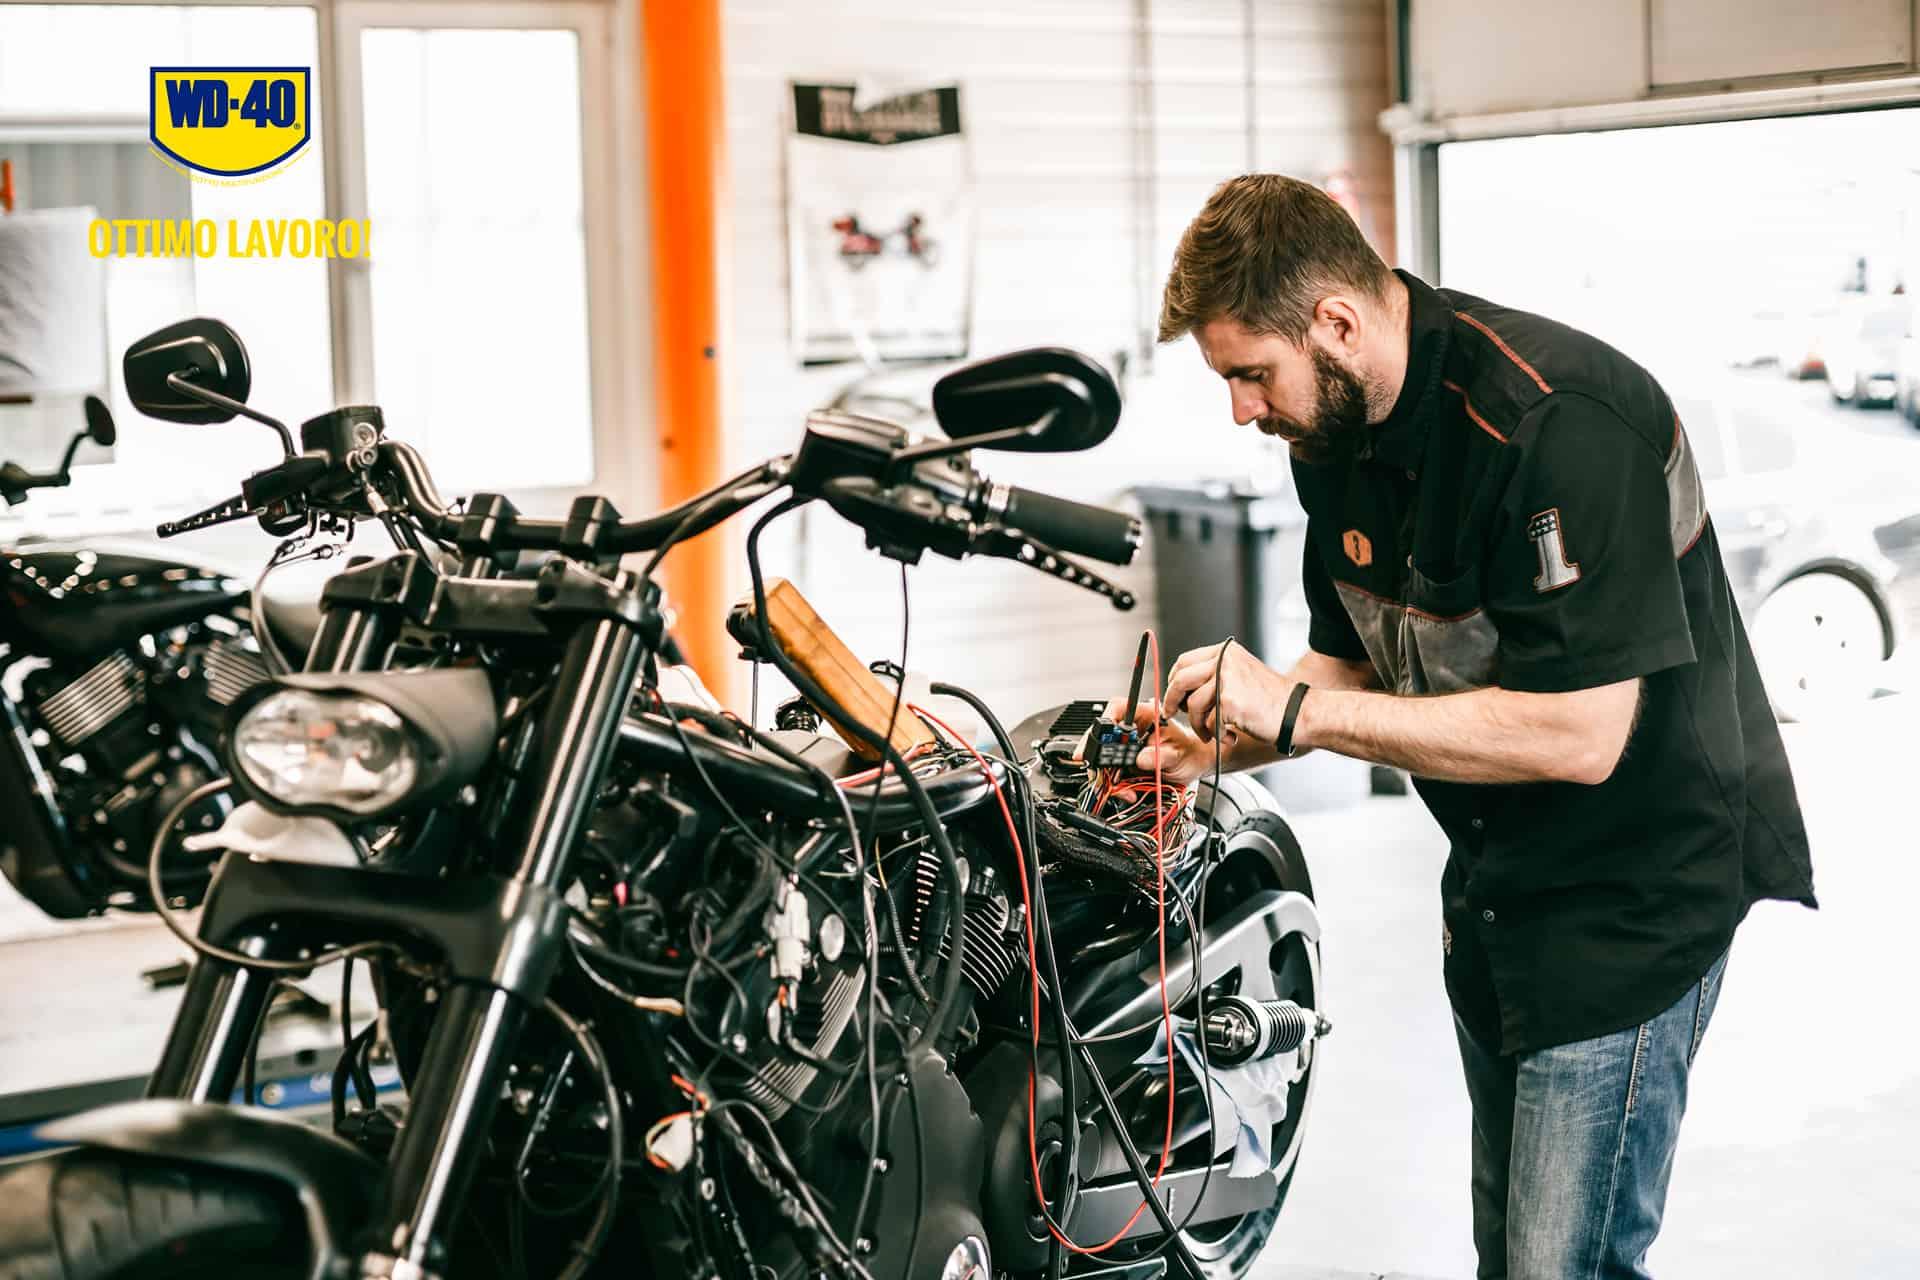 manutenzione batteria moto